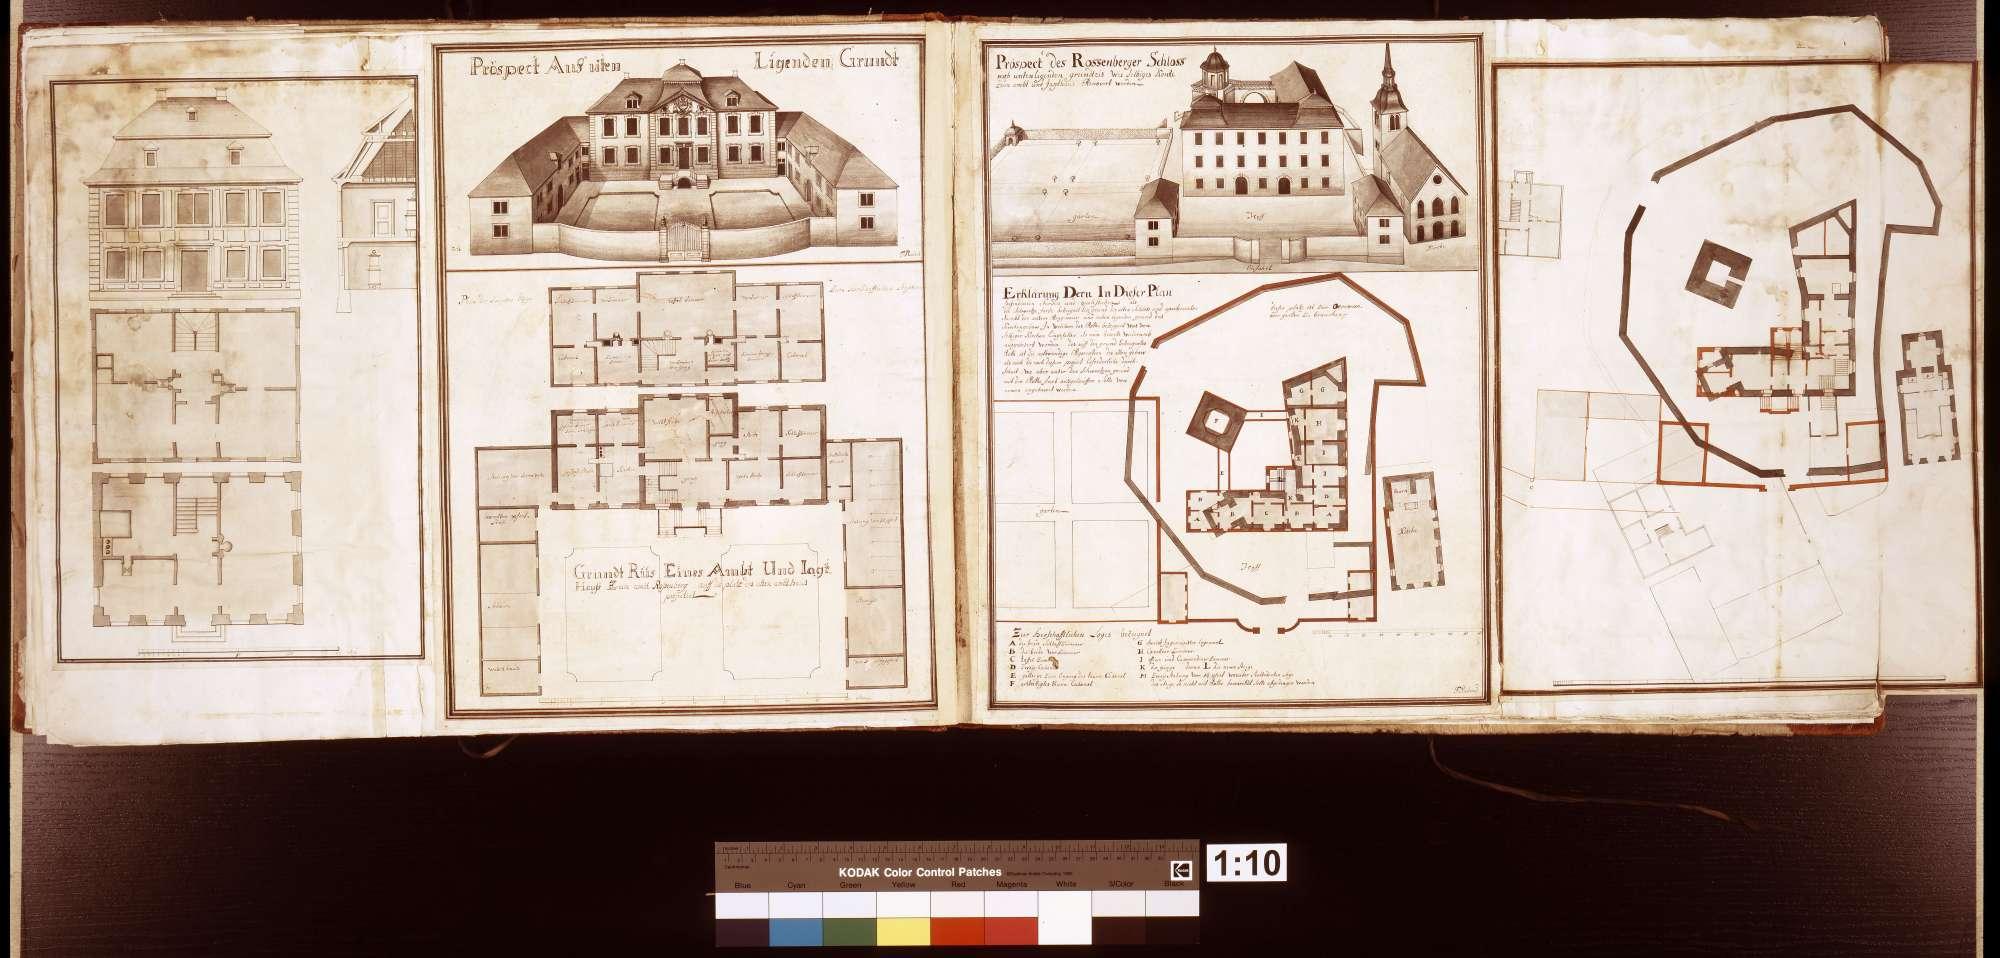 Grundriss eines Amt- und Jagdhauses zum Amt Rosenberg auf dem Platz des alten Amtshauses. - Prospekt aus unten liegendem Grund, S. 10b linke Seite rechts